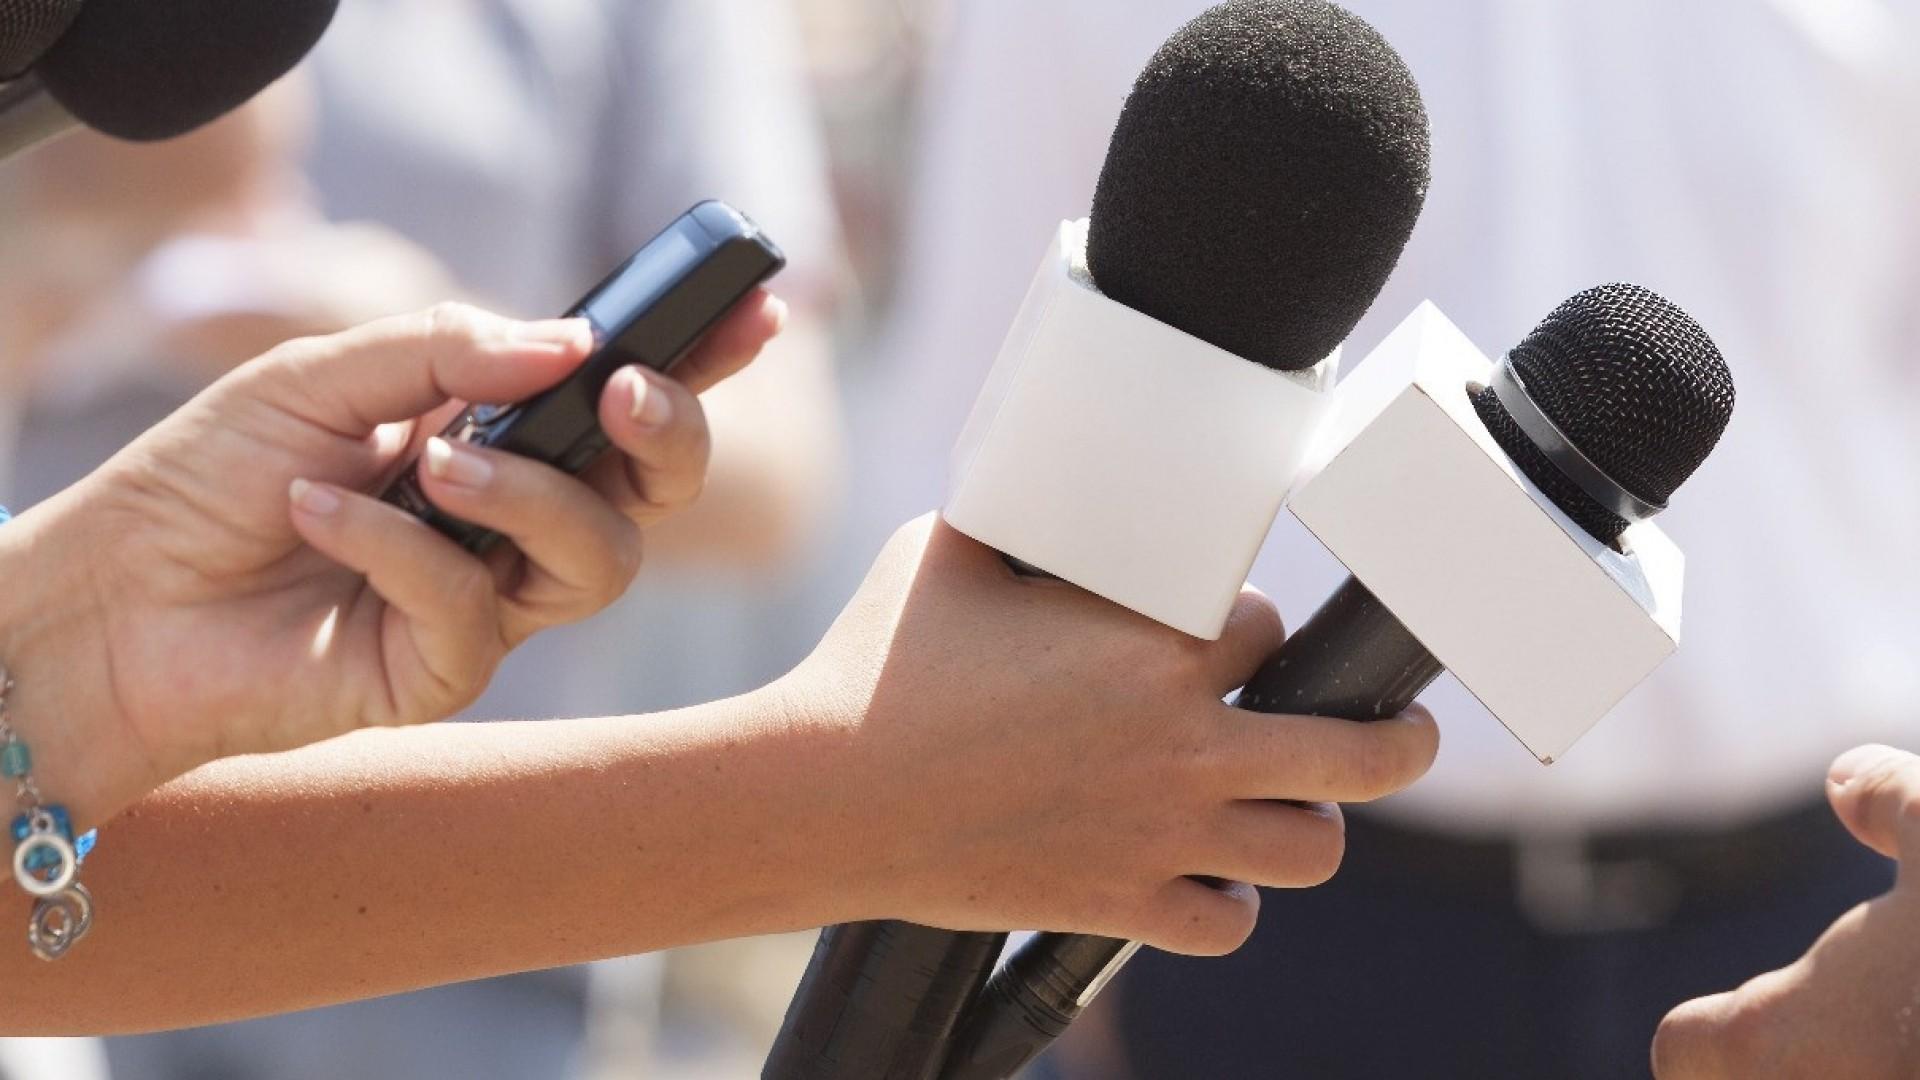 Истории журналистов: то, что остаётся за кадром